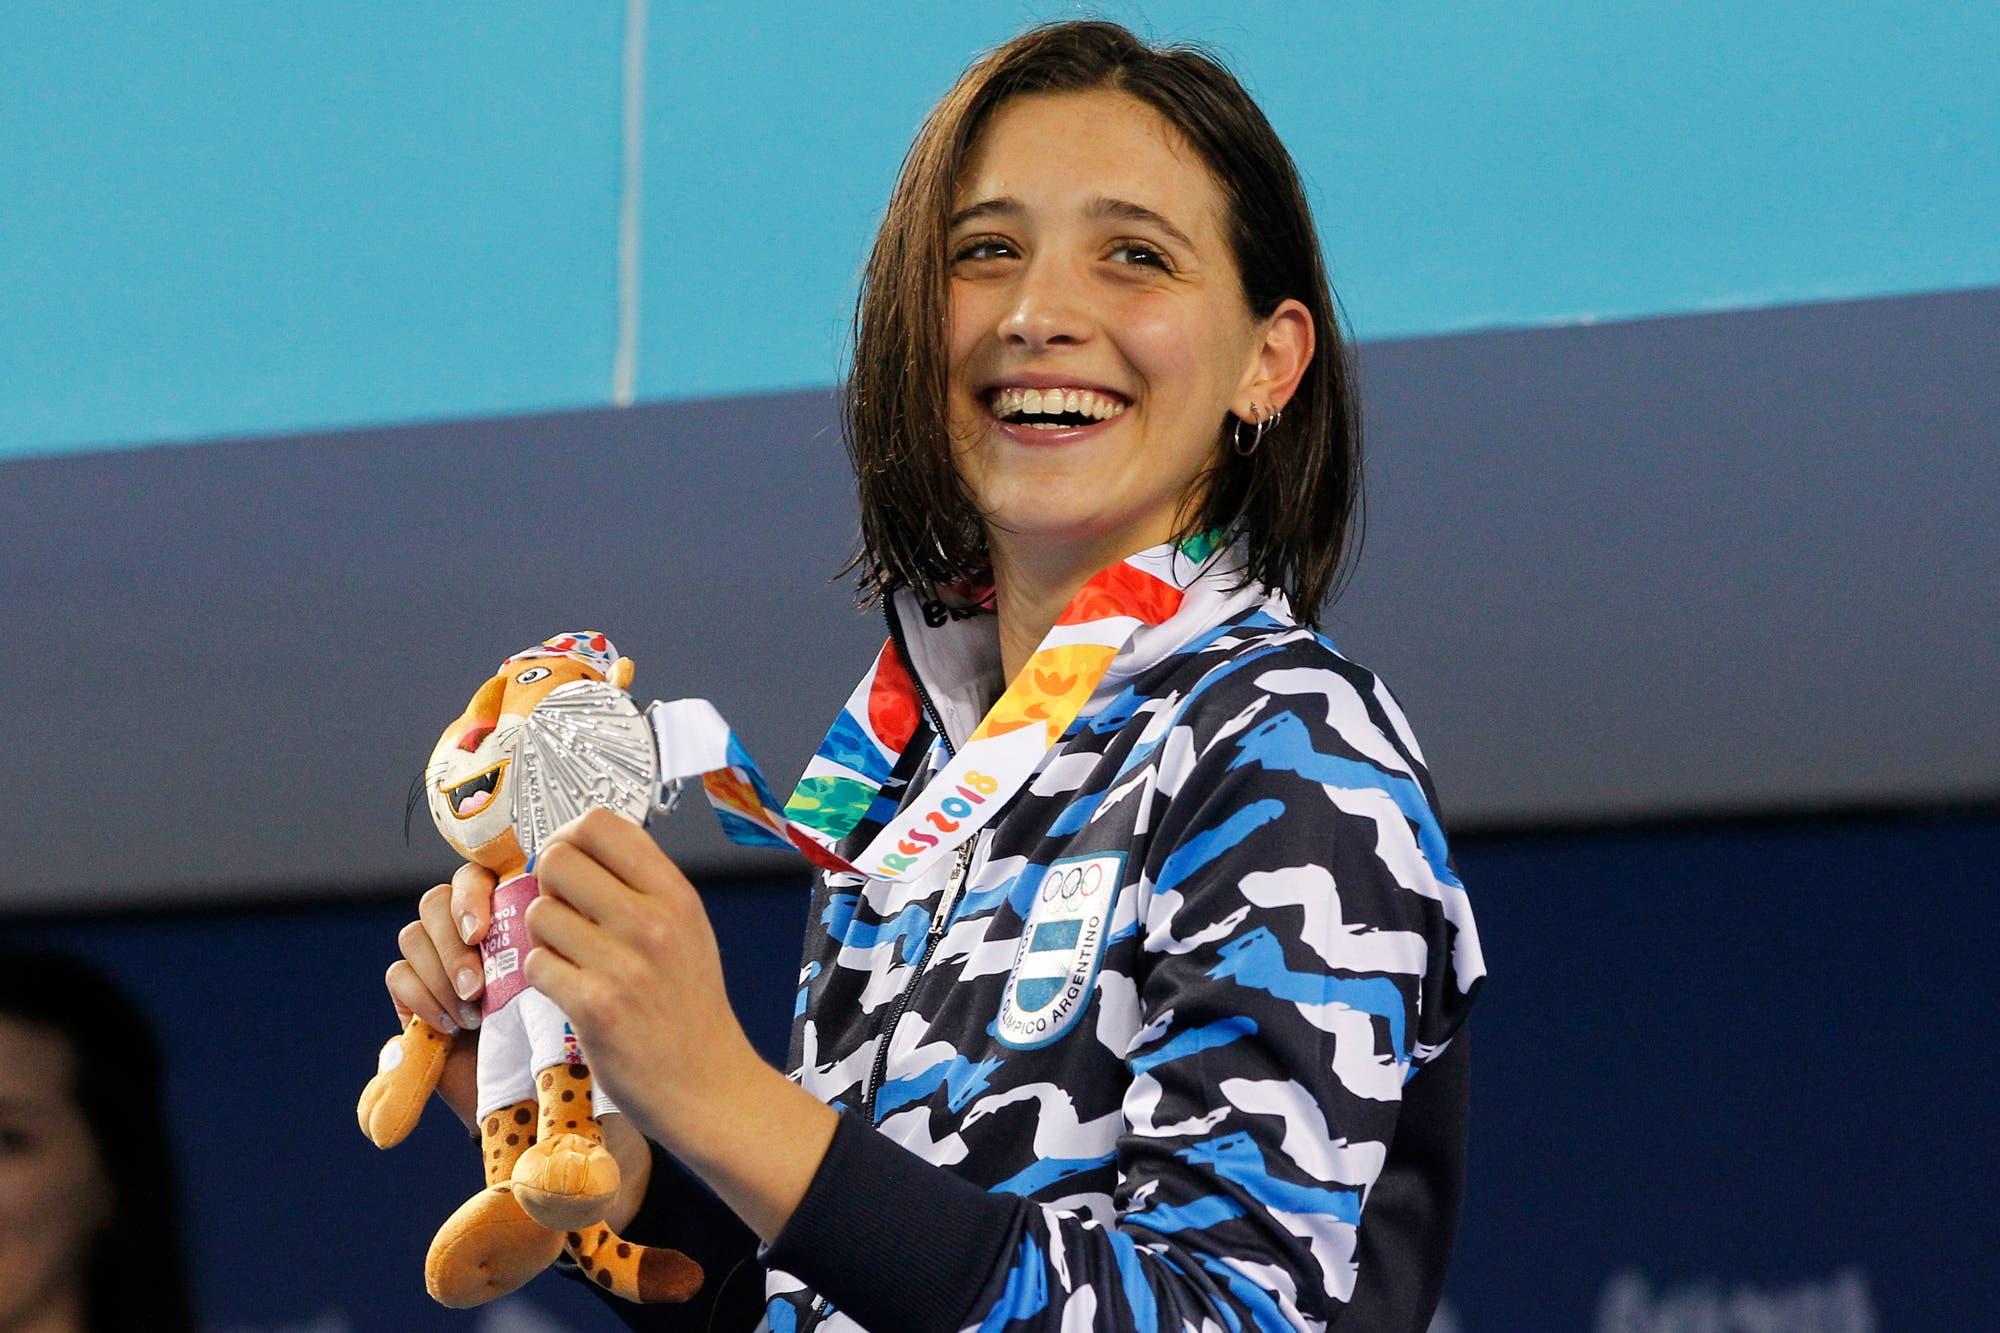 Delfina Pignatiello cosechó otra medalla de plata: fue segunda en los 400 metros libres en los Juegos Olímpicos de la Juventud